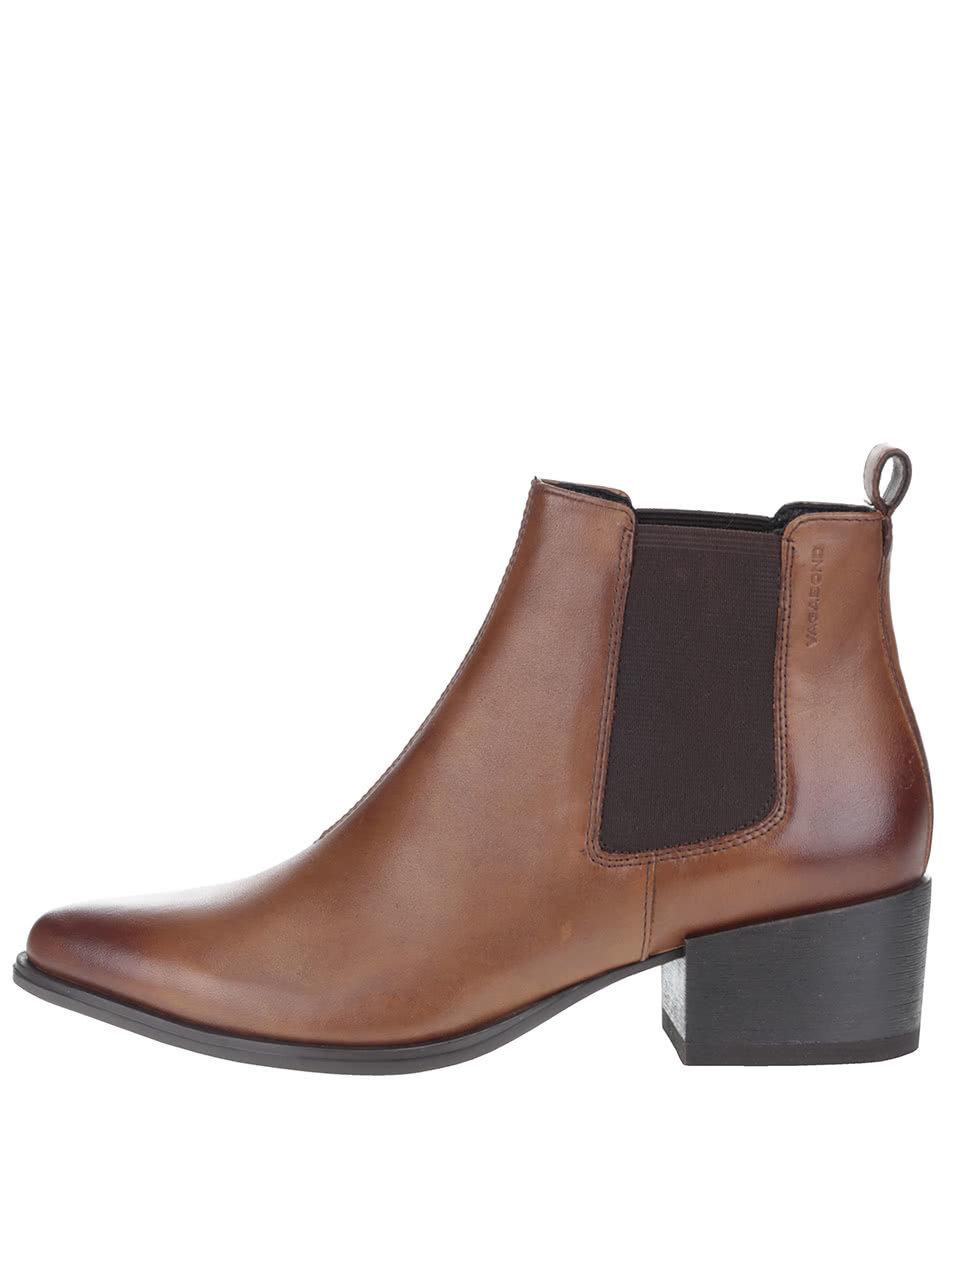 f99e185a9ce Světle hnědé kožené chelsea boty na vyšším podpatku Vagabond Marja ...